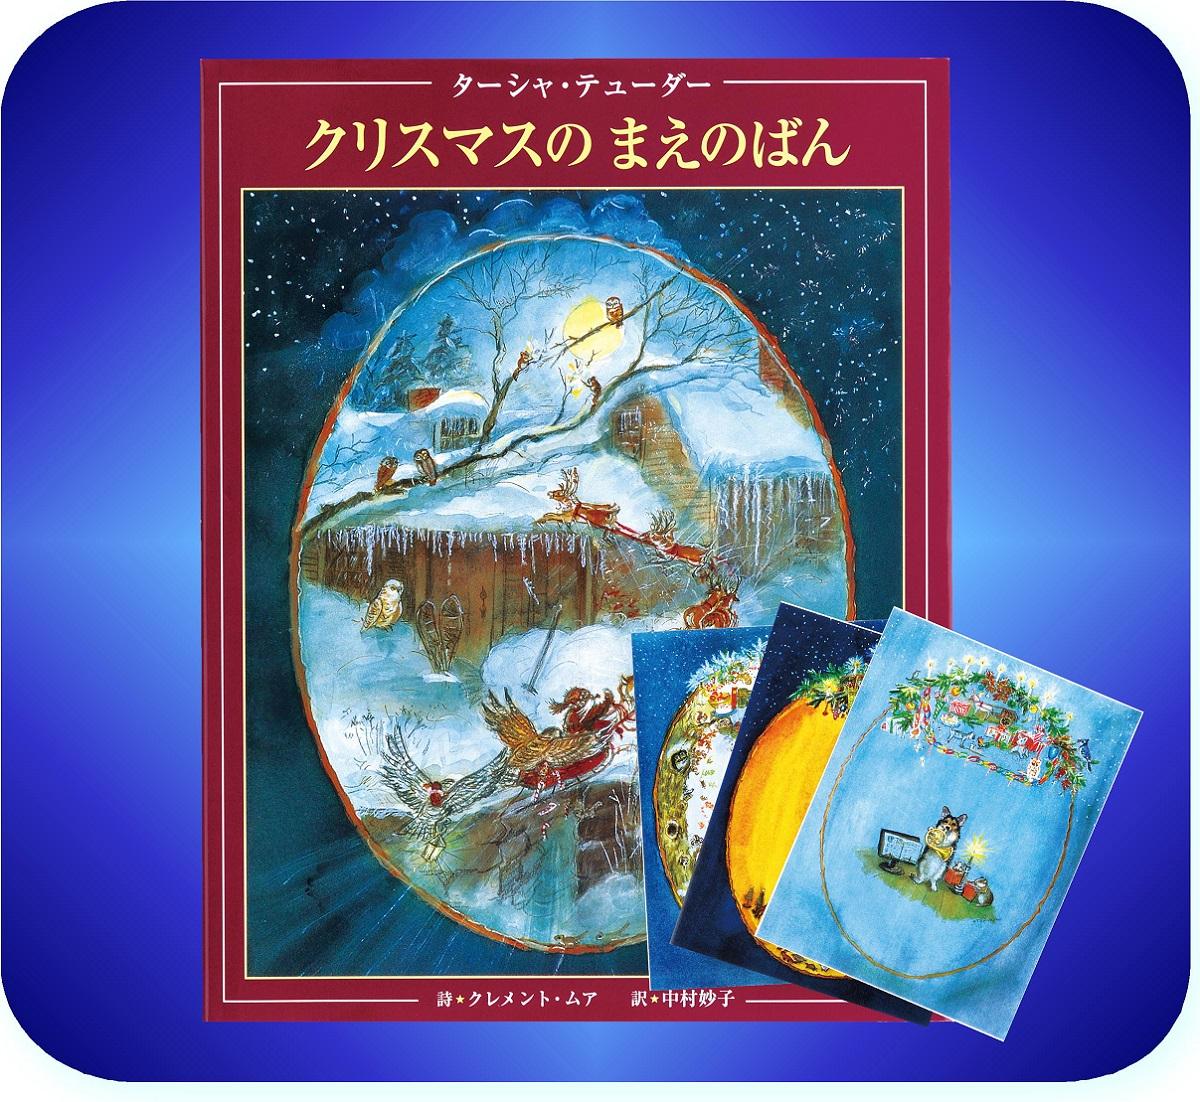 絵本「クリスマスのまえのばん」